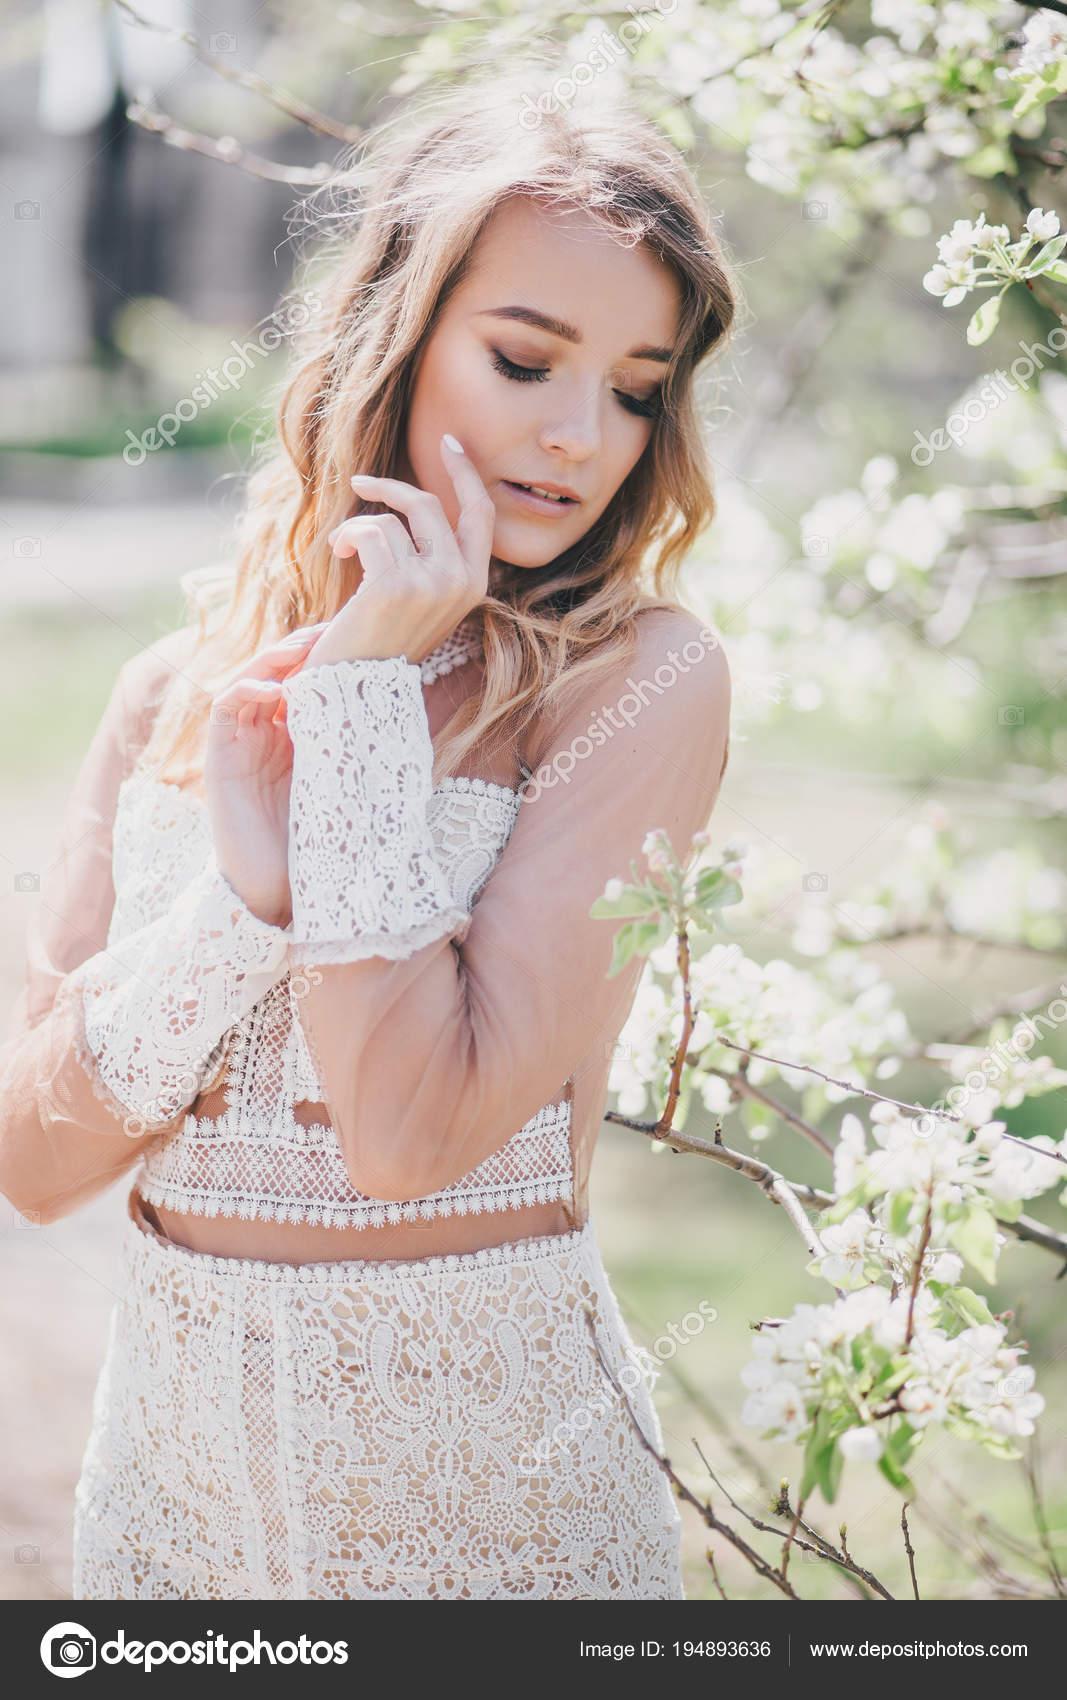 3089ae8b3 Hermosa Mujer Joven Vestido Blanco Romántico Posando Cerca Árbol  Floreciente — Foto de Stock